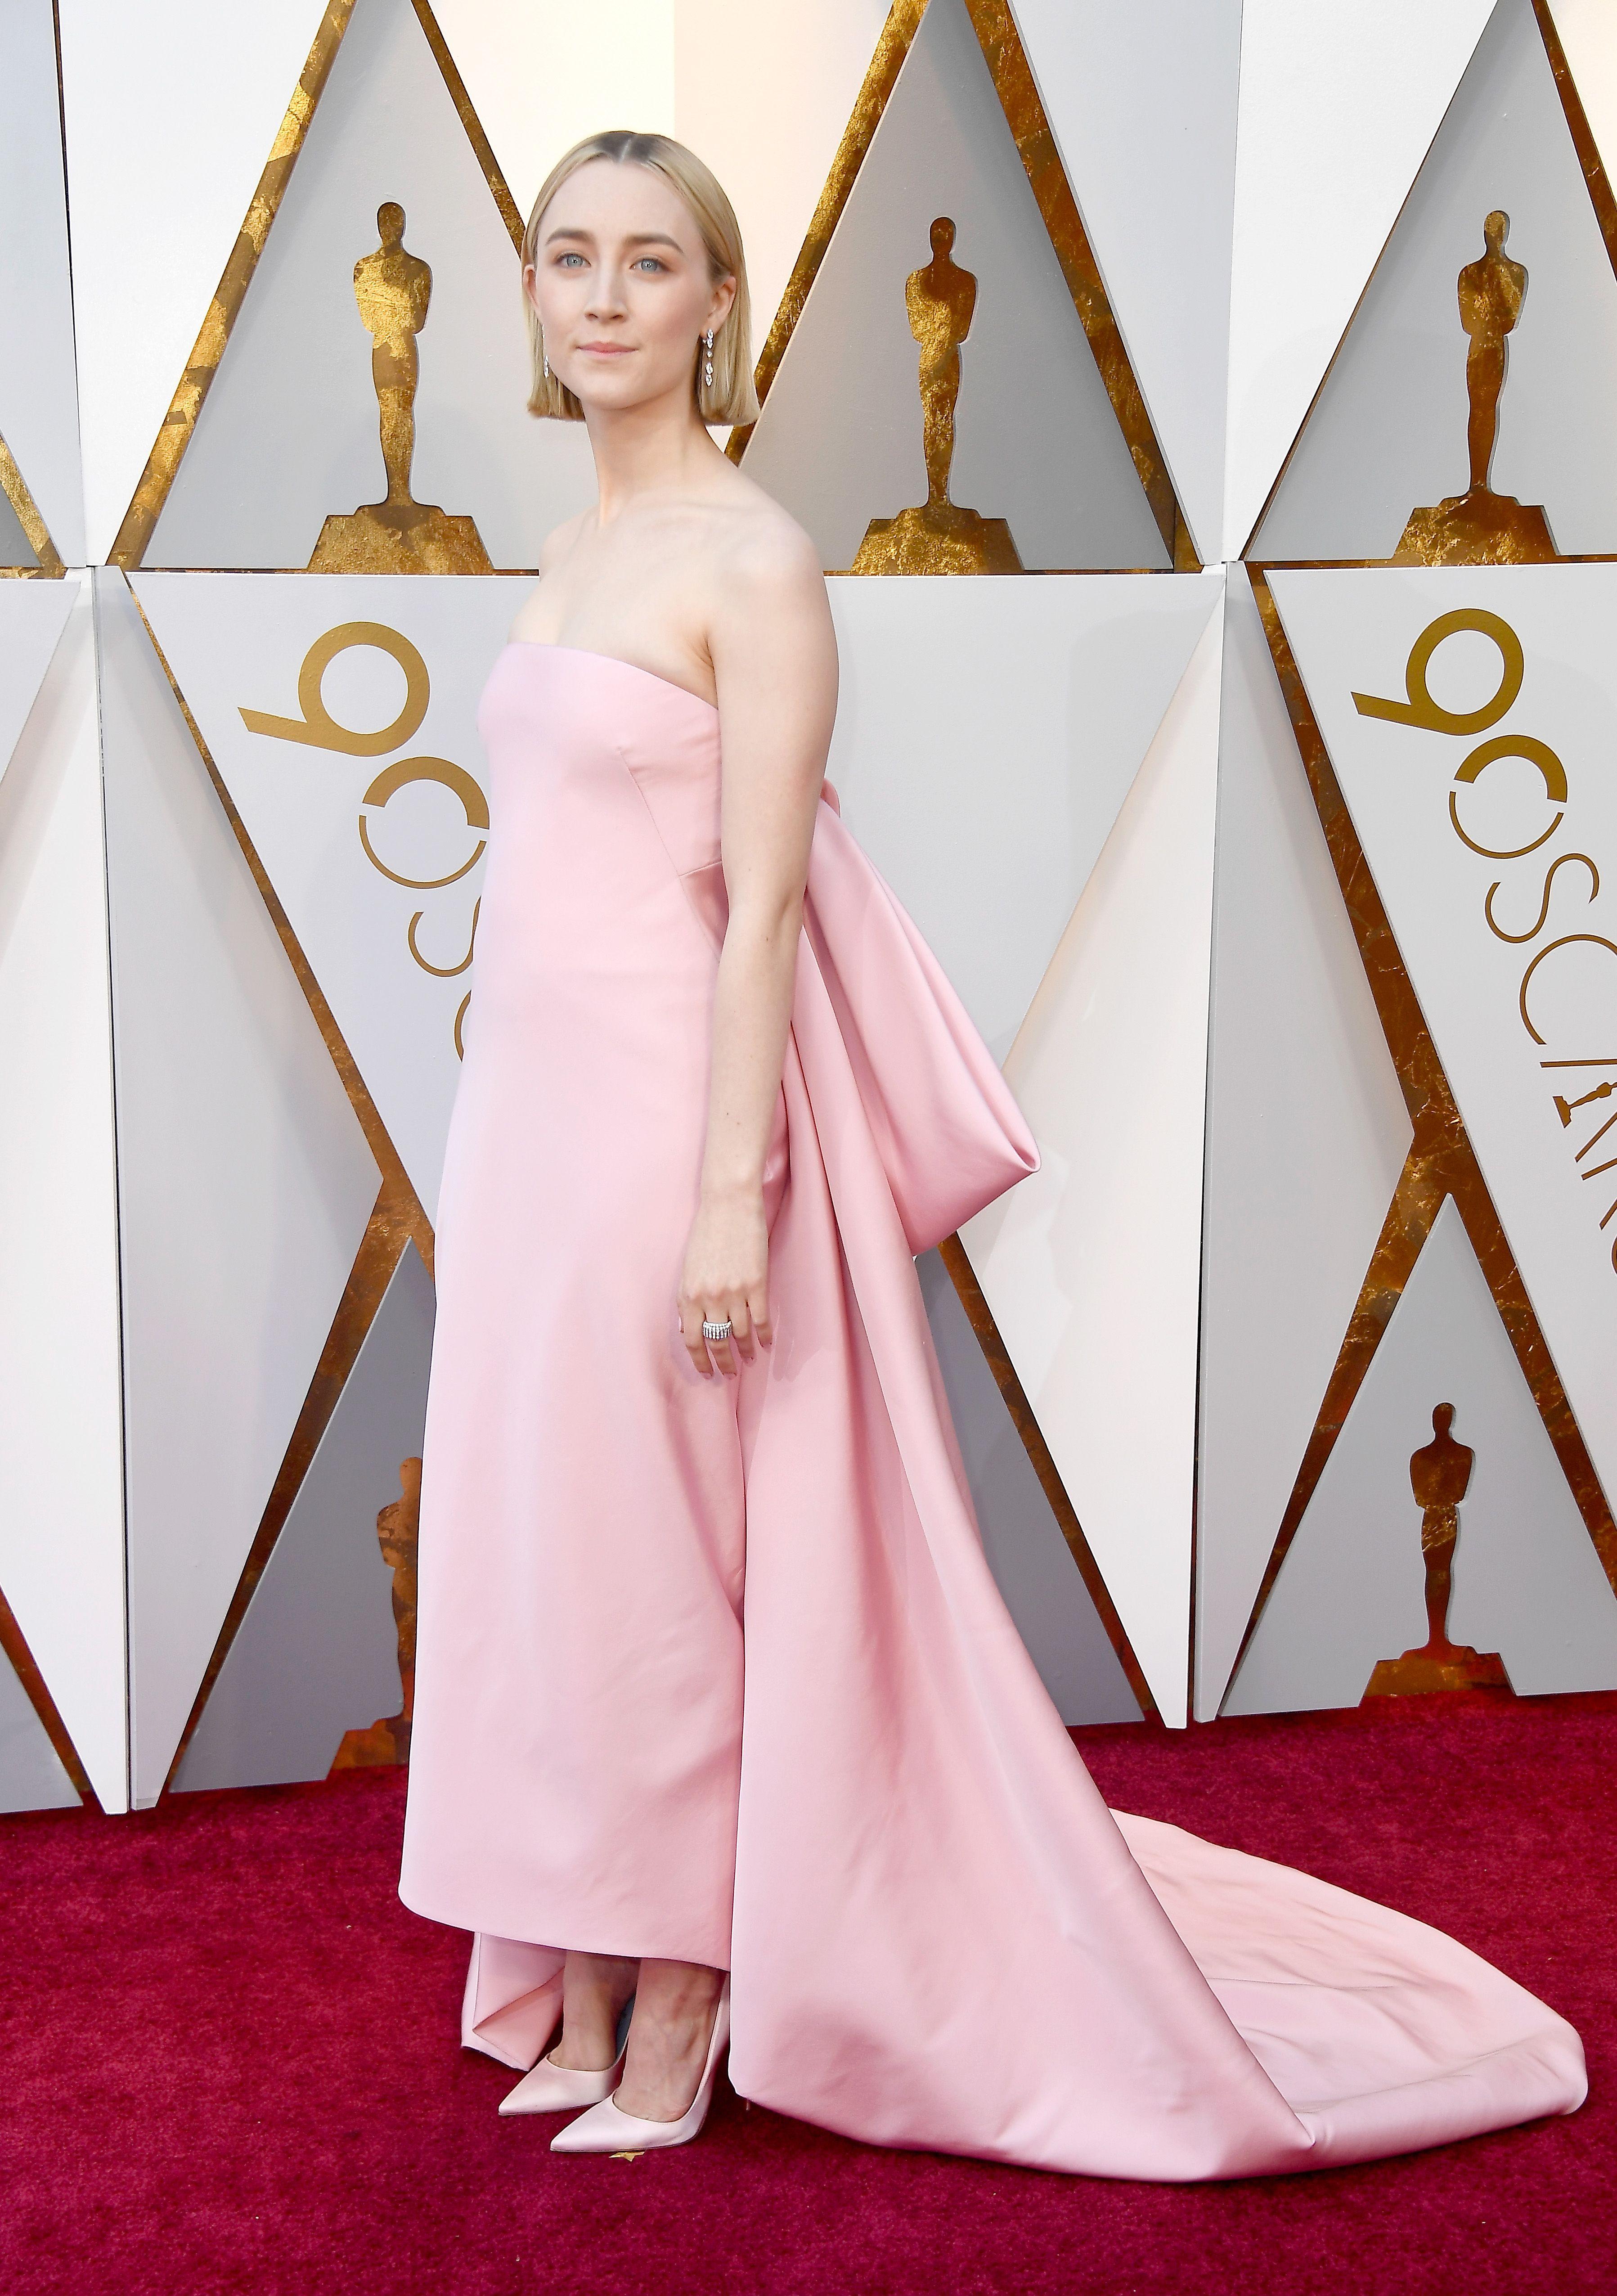 O brilho dominou o look das celebs no Oscar 2018 | Domingo